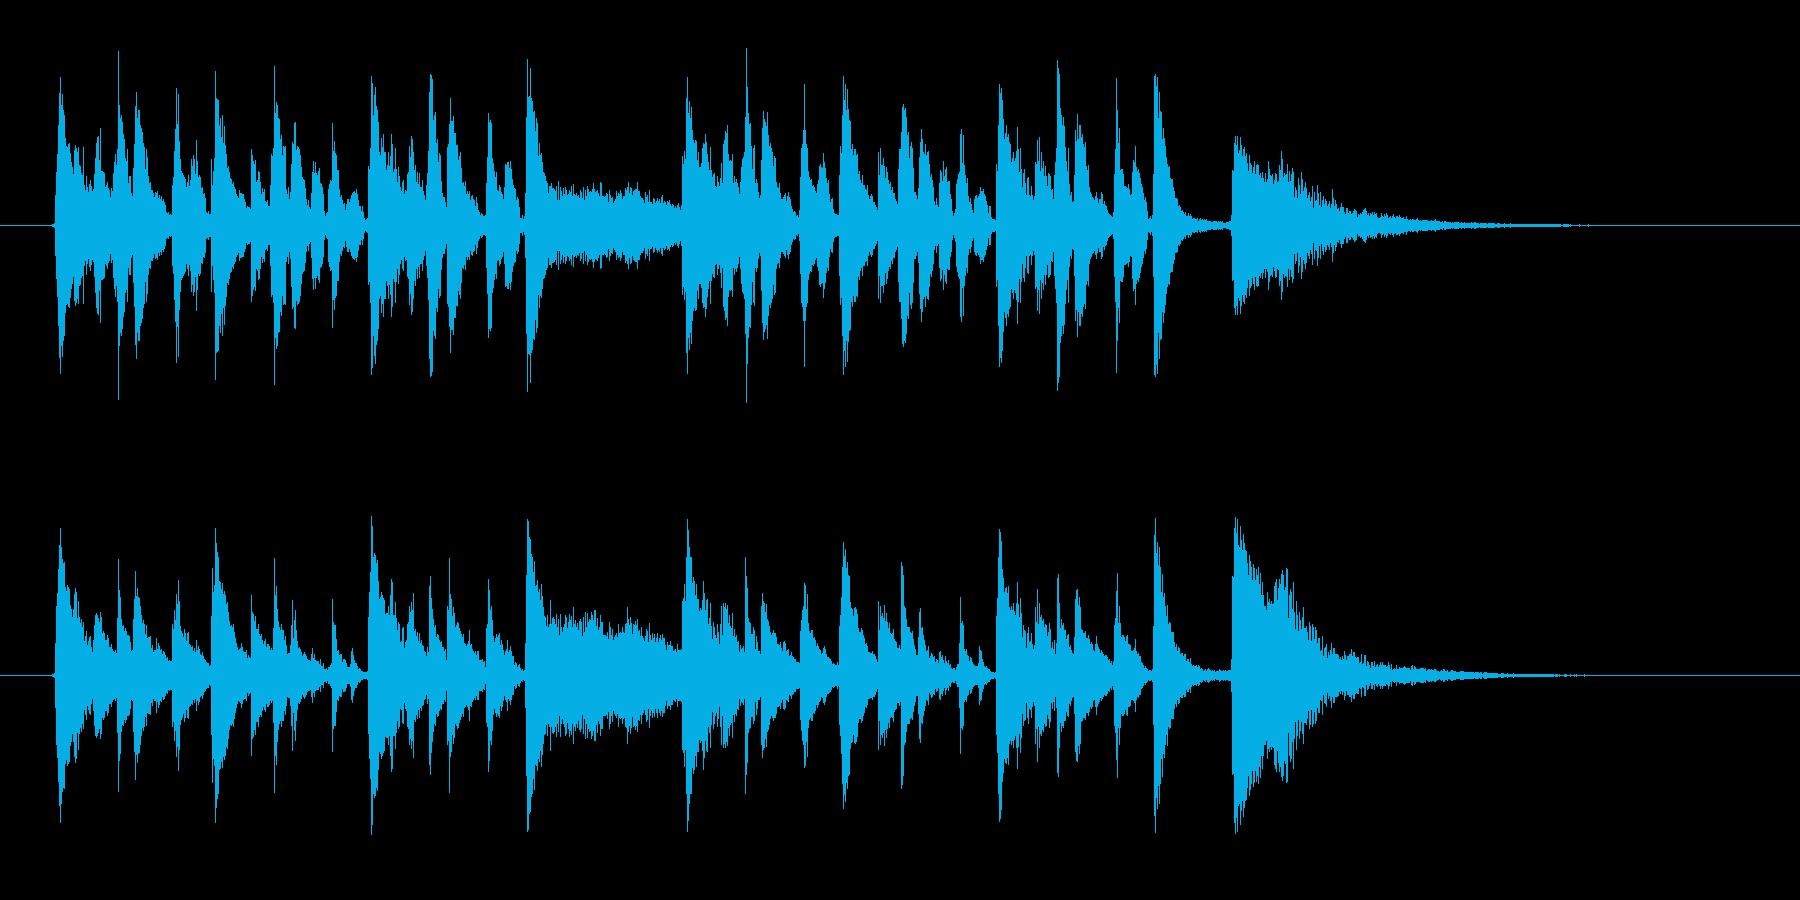 コミカルでポップな金属音ジングルの再生済みの波形